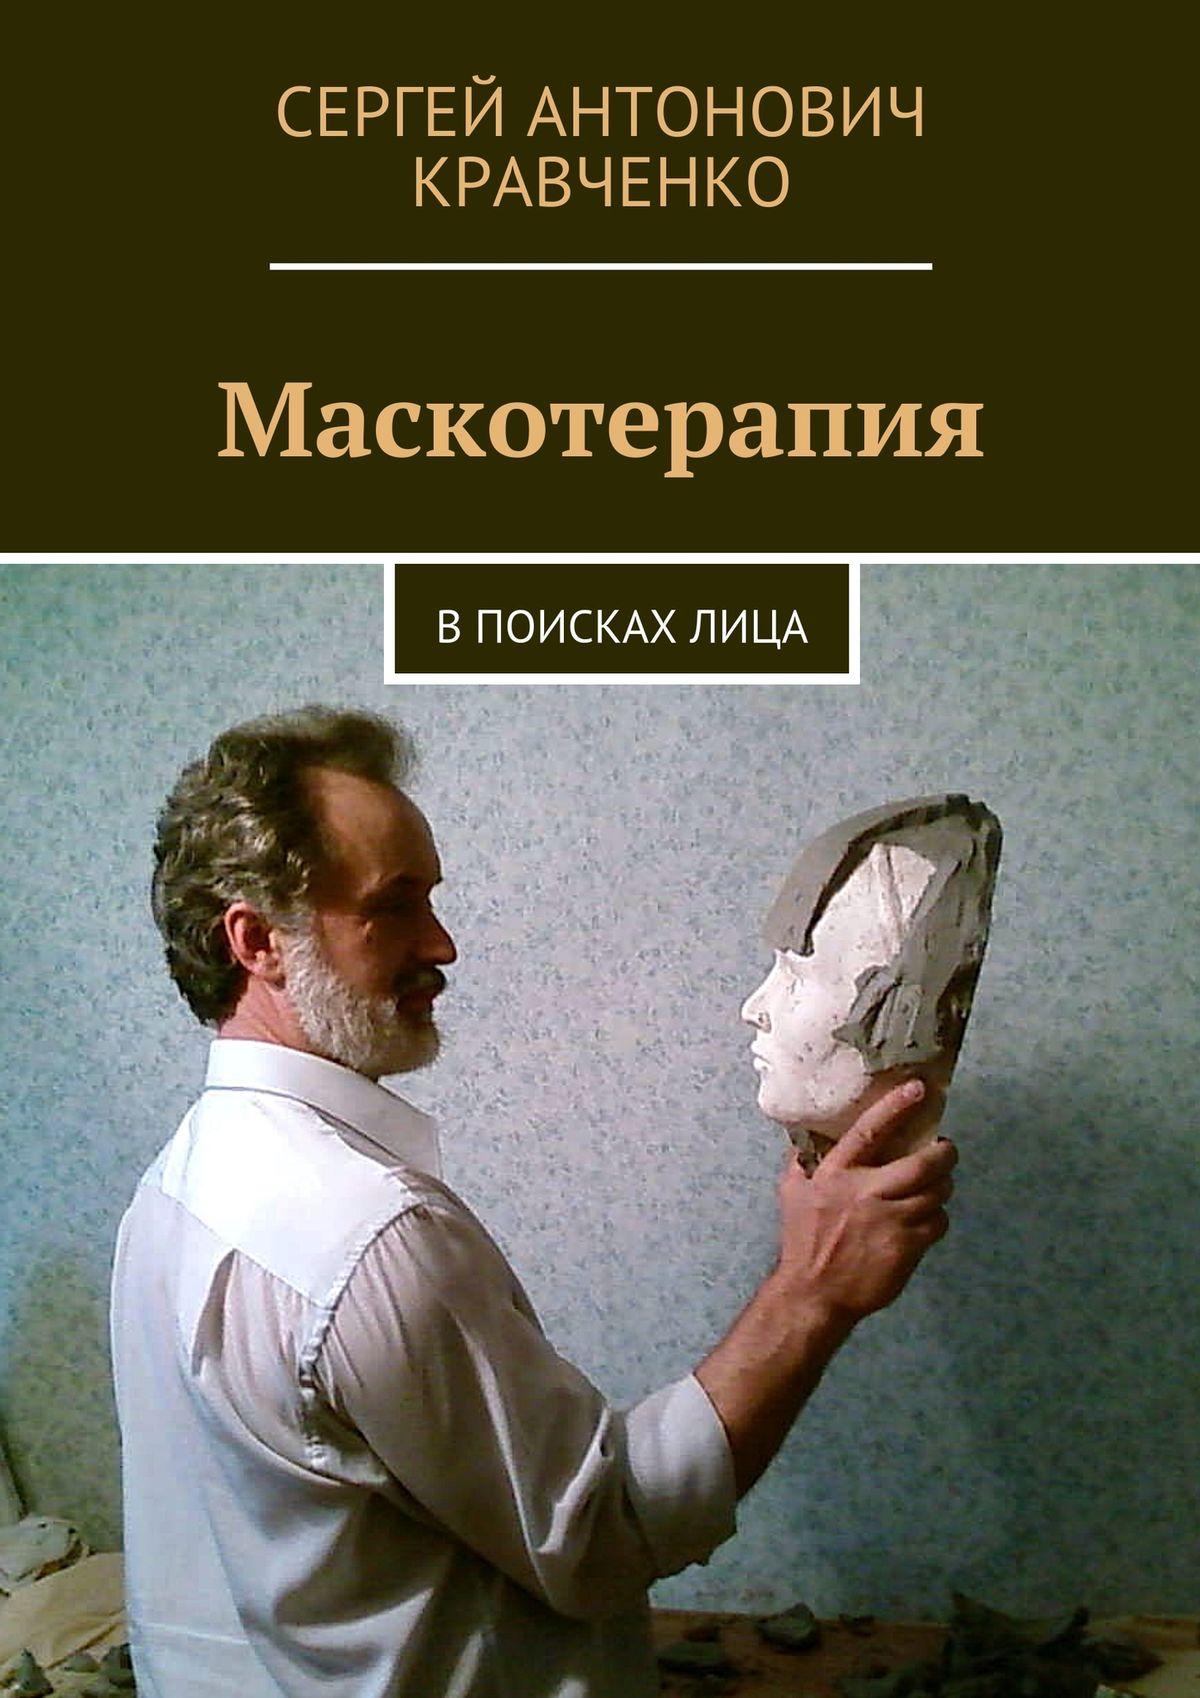 Сергей Антонович Кравченко Маскотерапия. В поисках лица цена